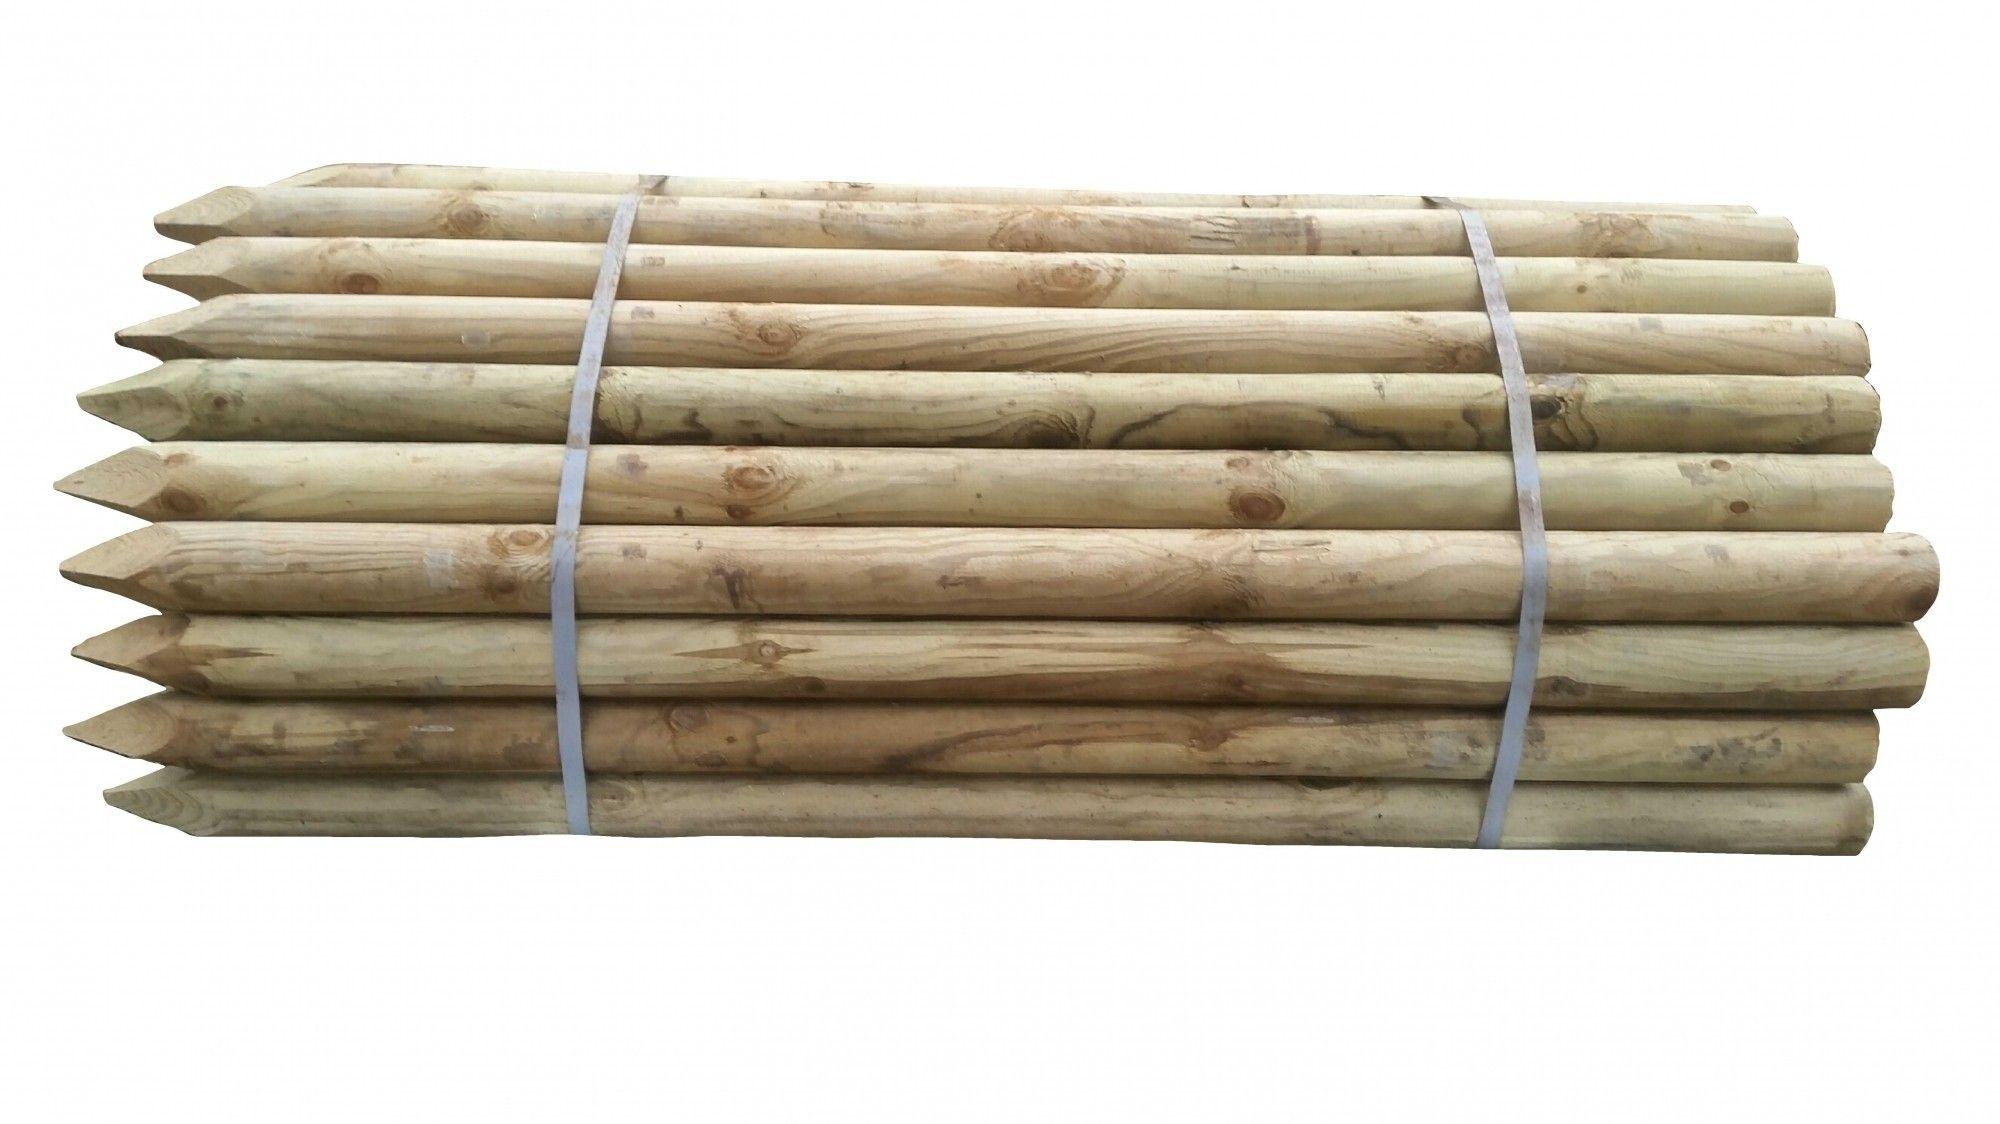 Houten paal Celfix geimpregneerd 180 x 7.5cm rond gefreesd